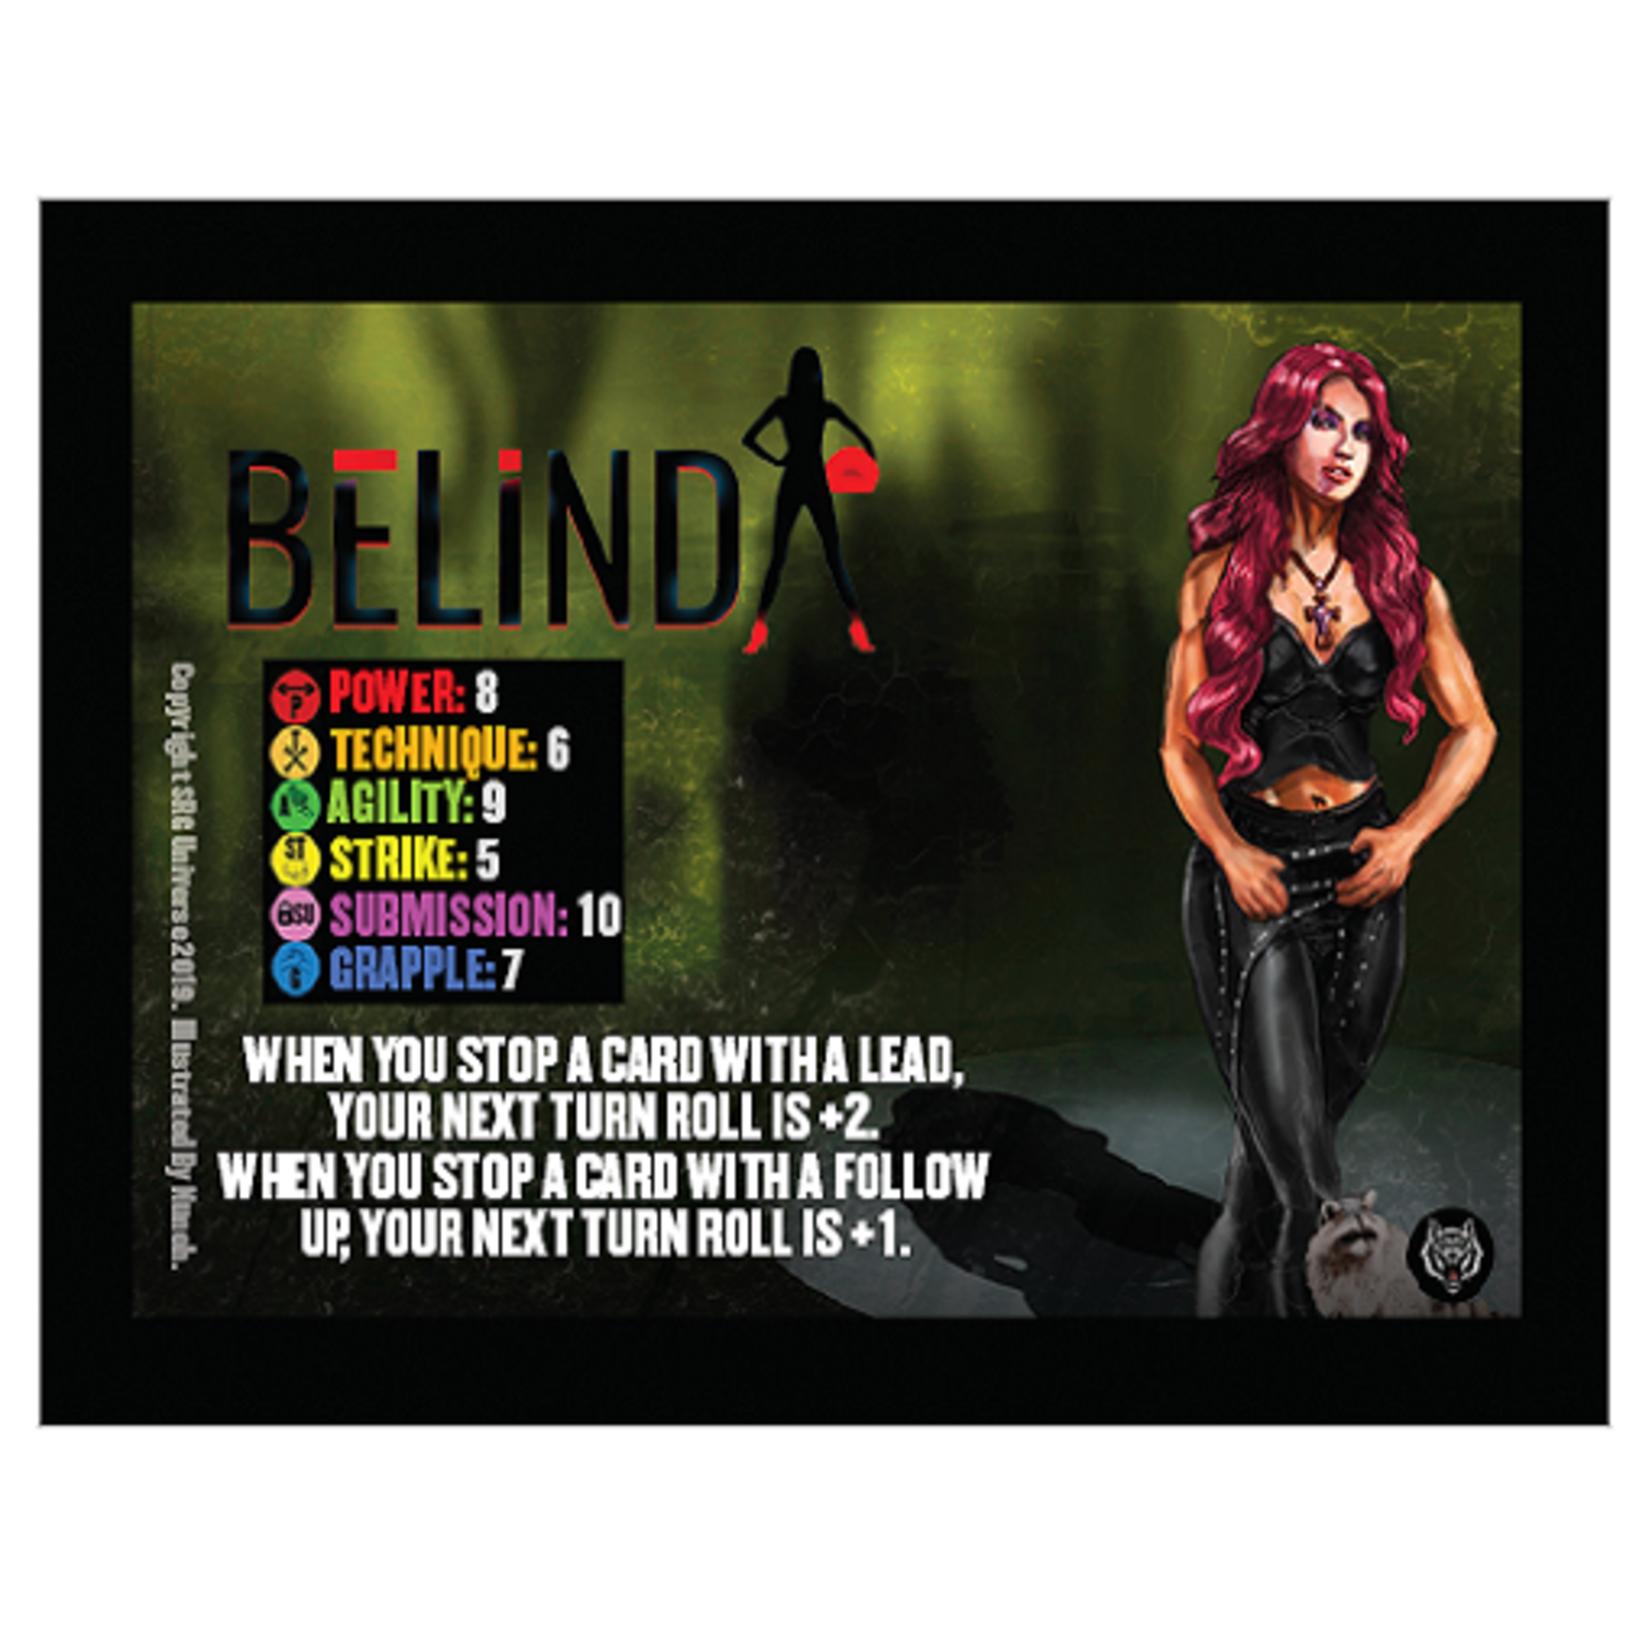 SRG Belinda